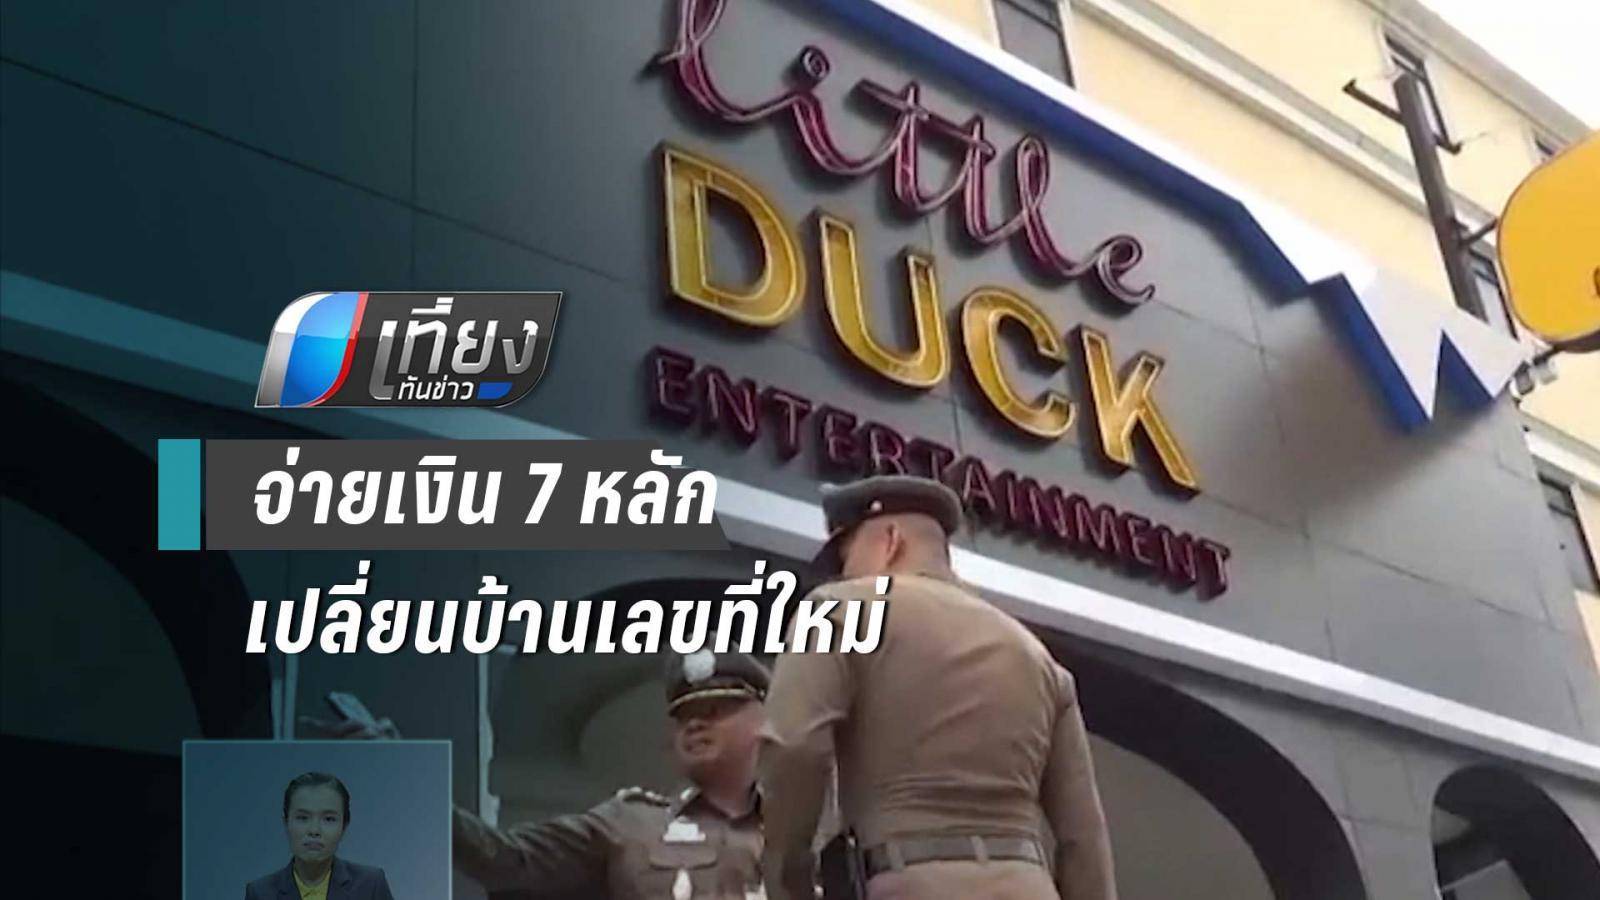 """""""ชูวิทย์"""" แฉเจ้าของอาบอบนวดทุ่มจ่าย 7 หลัก แลกกลับมาเปิดใหม่ชื่อ """"Little Duck"""""""